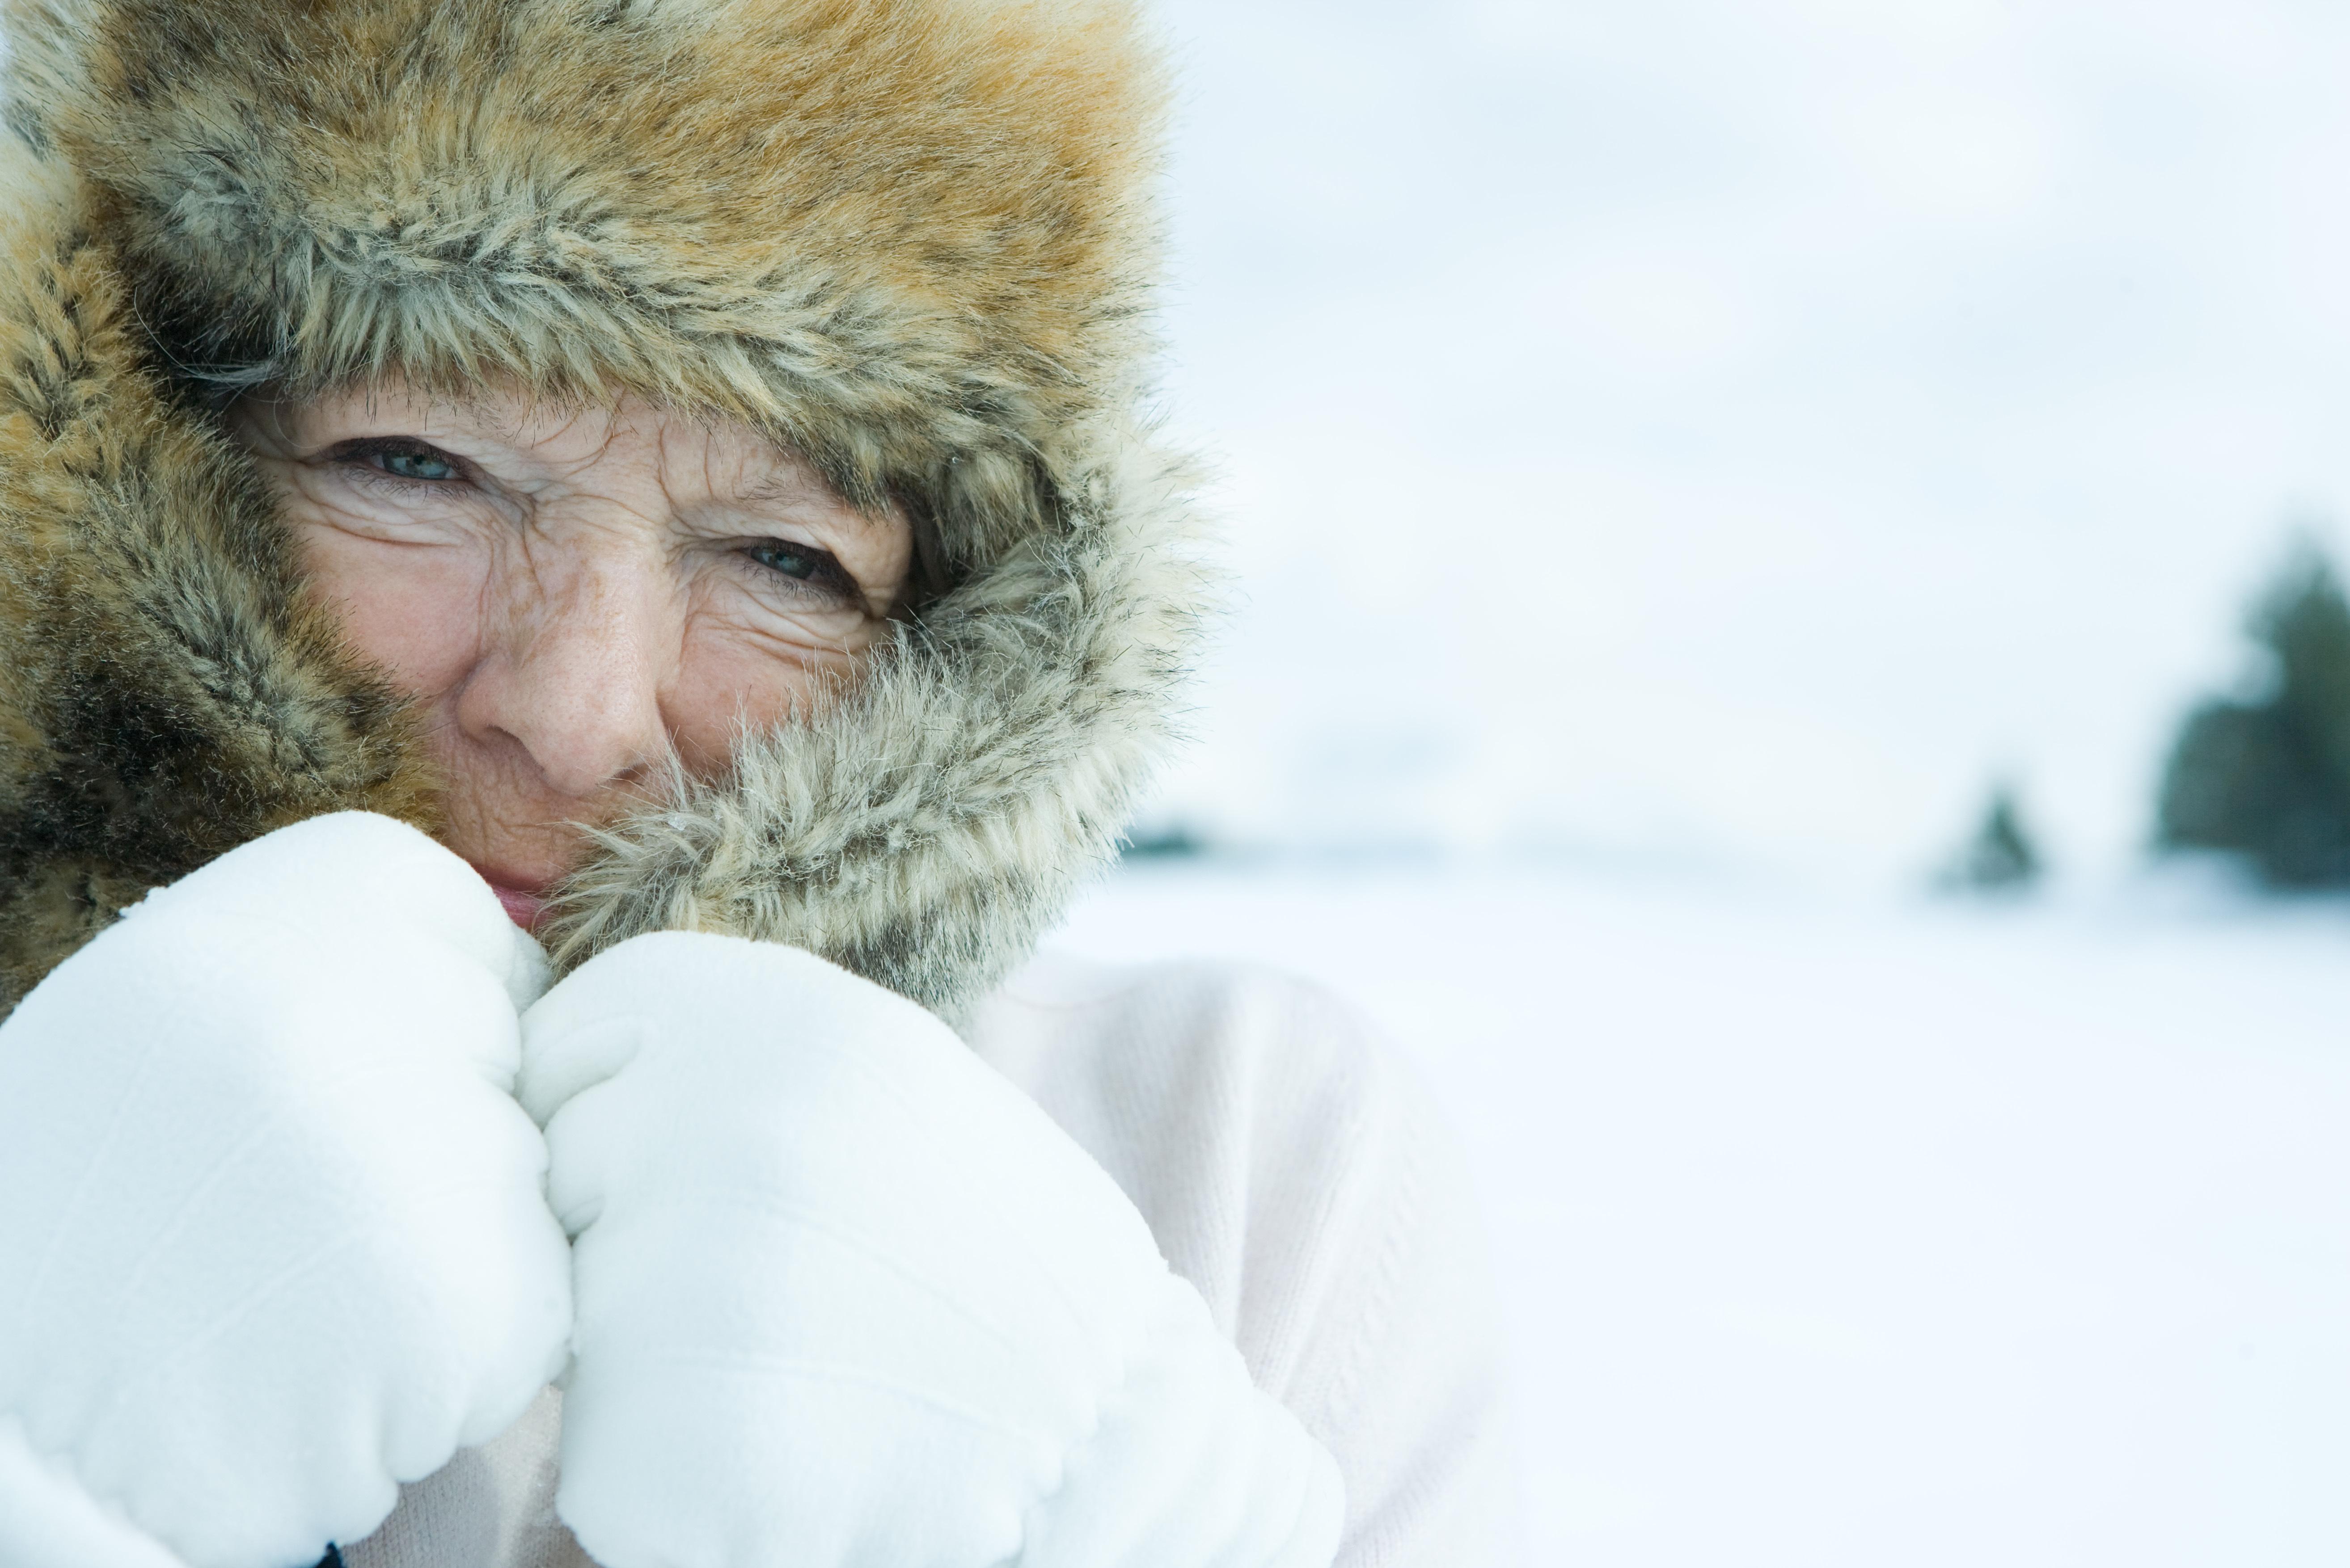 Klä dig varmt och undvik ansträngning är rådet i kylan för dig som ligger i riskzonen för hjärtinfarkt.